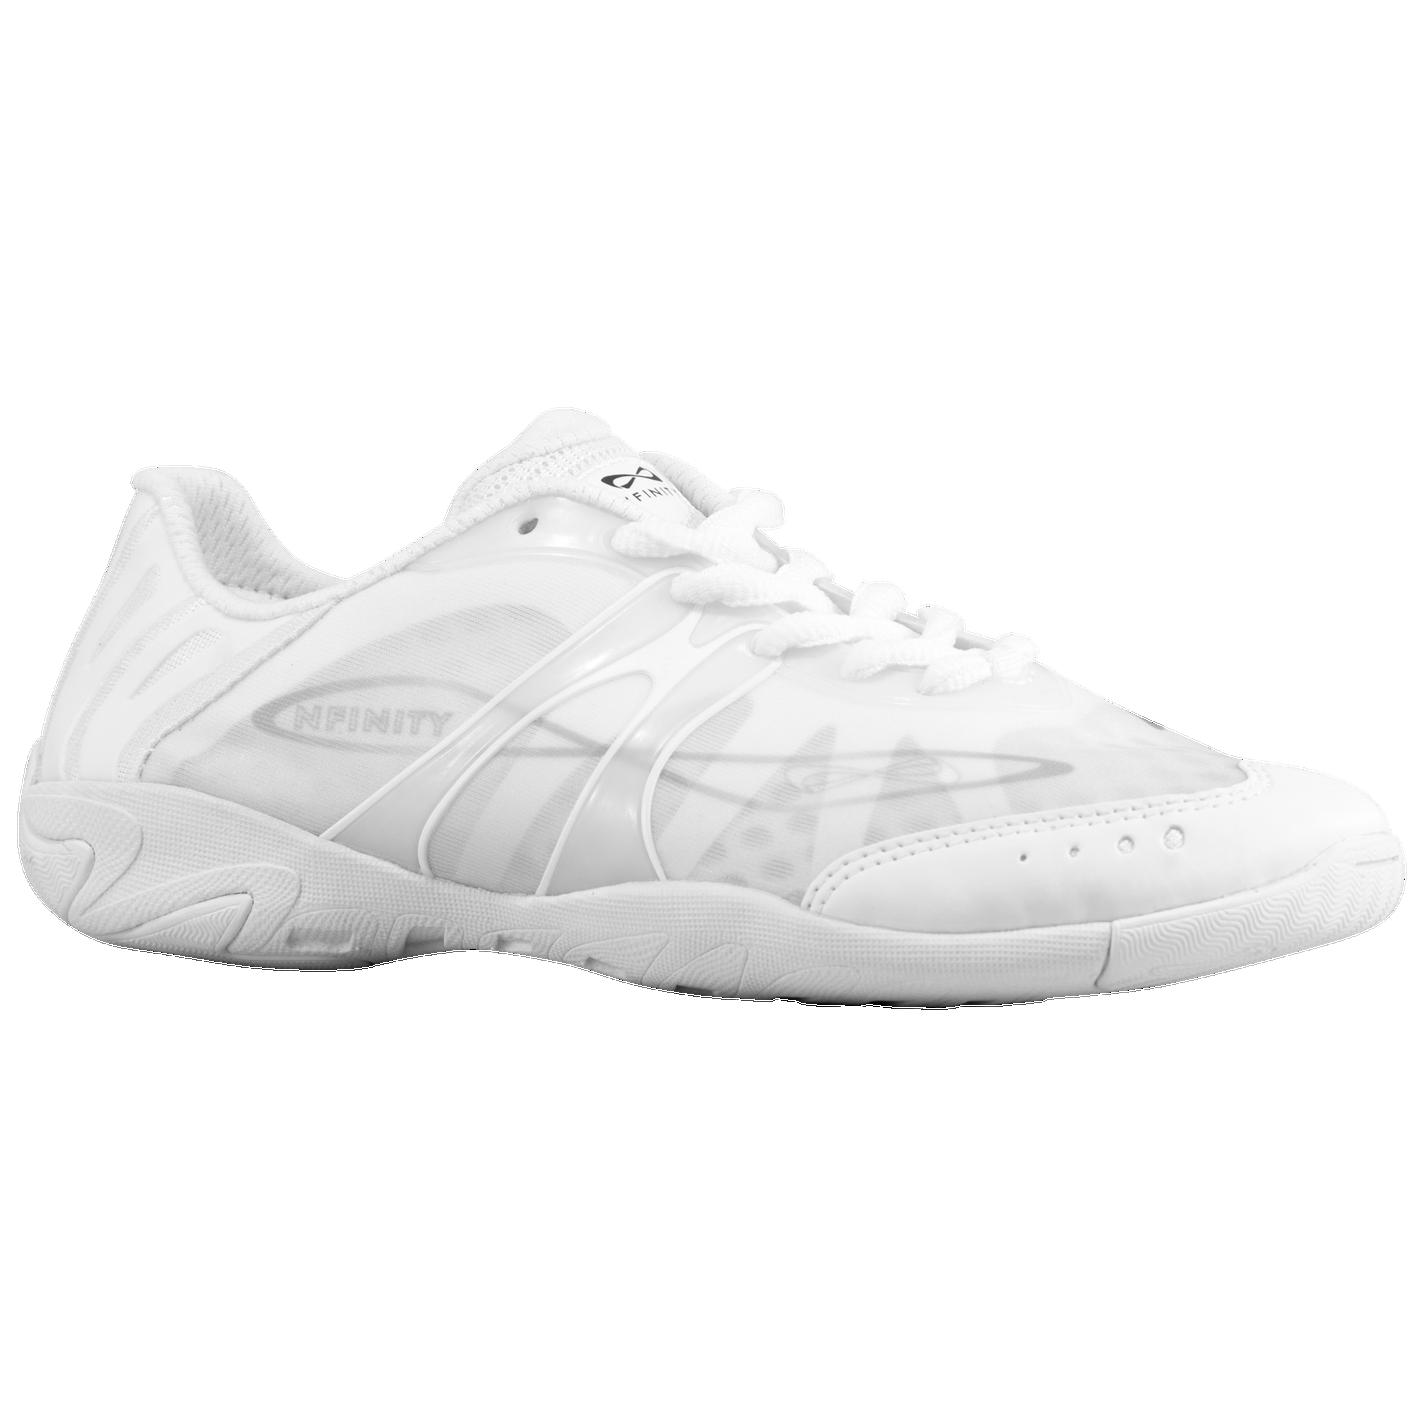 9801cd249df9 Nfinity Vengeance - Women's - Cheer - Shoes - White